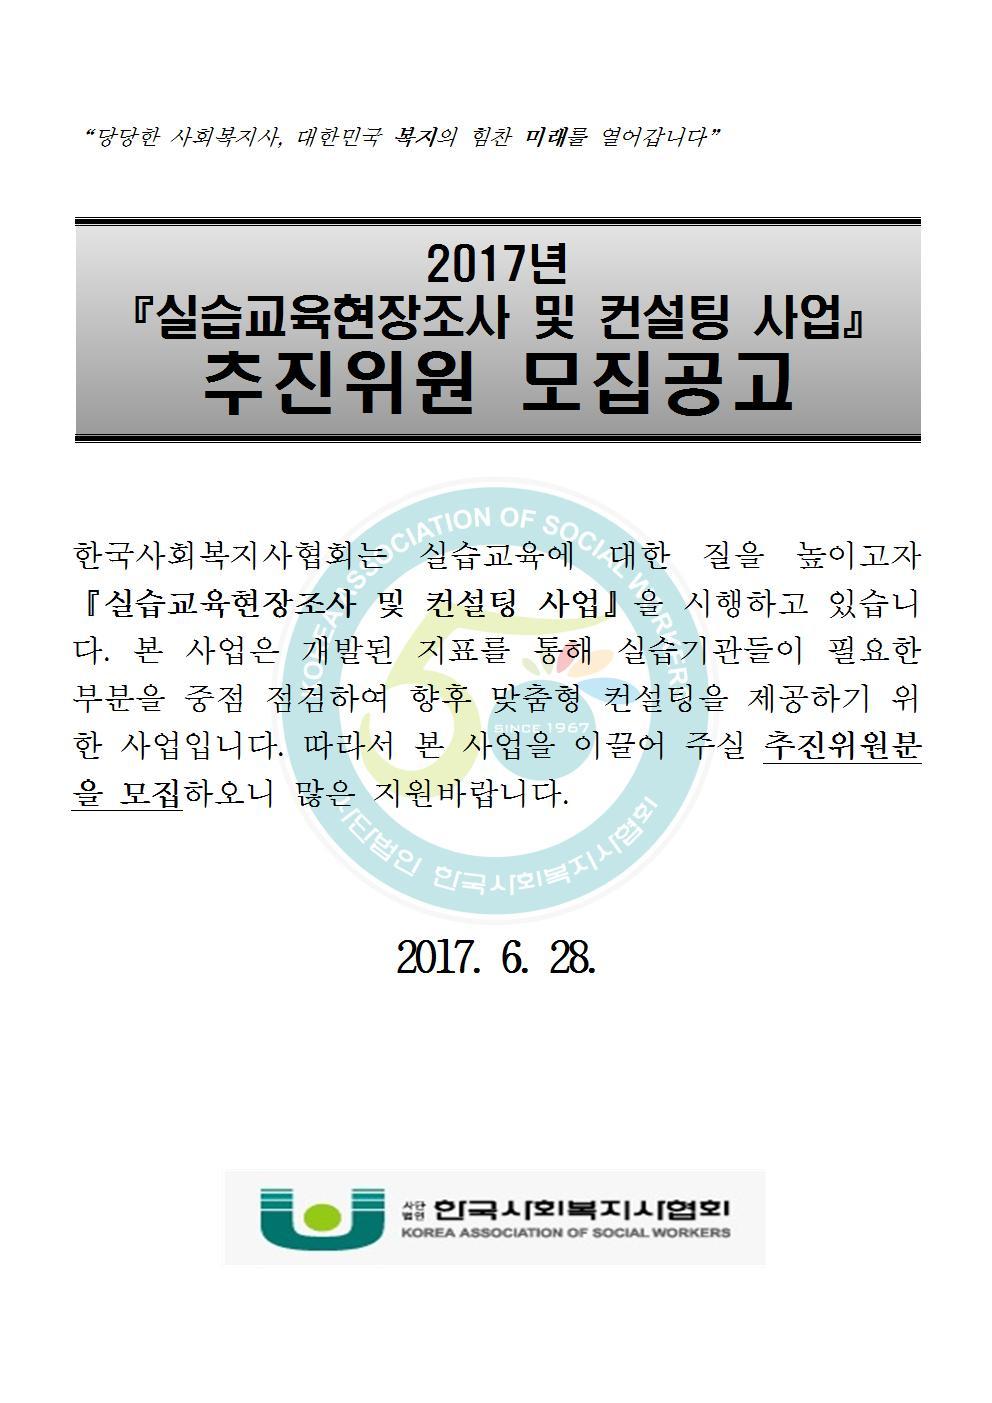 2017년 추진위원 모집공고문001.jpg